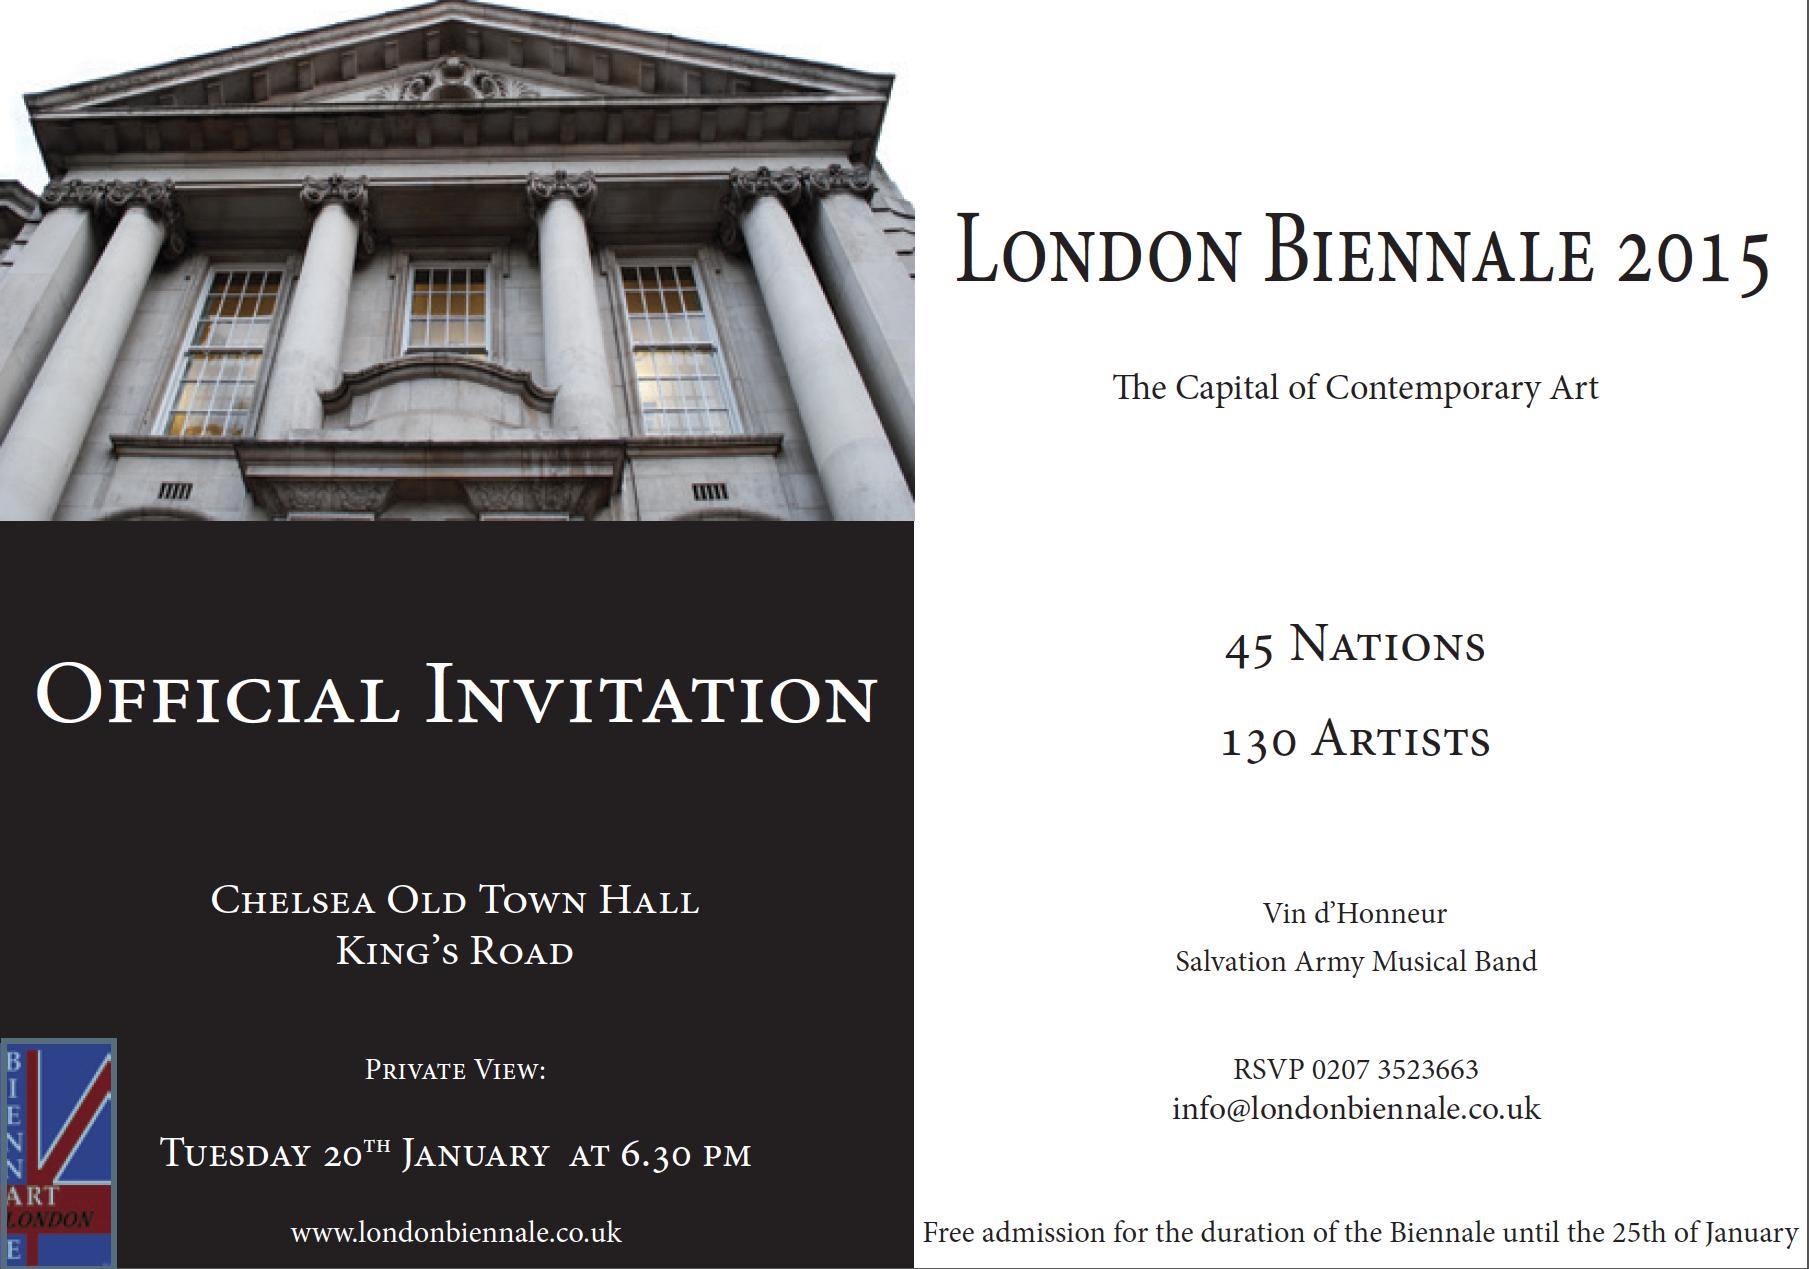 London Biennale 2015